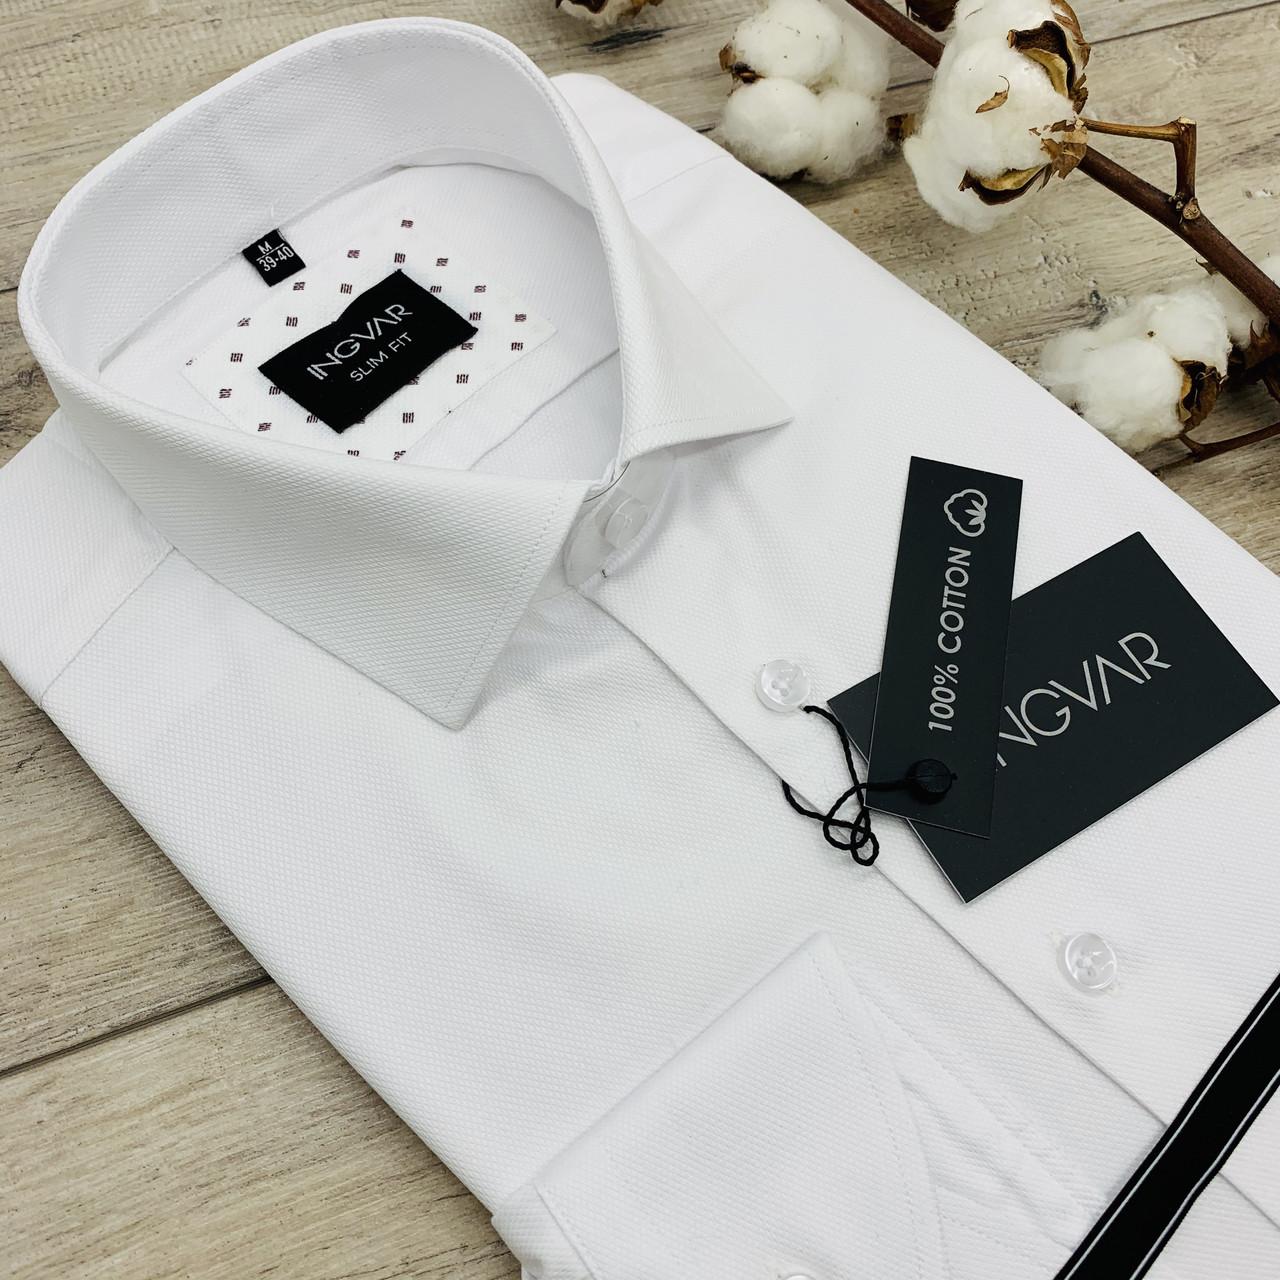 Рубашка мужская белая структурная хлопковая INGVAR